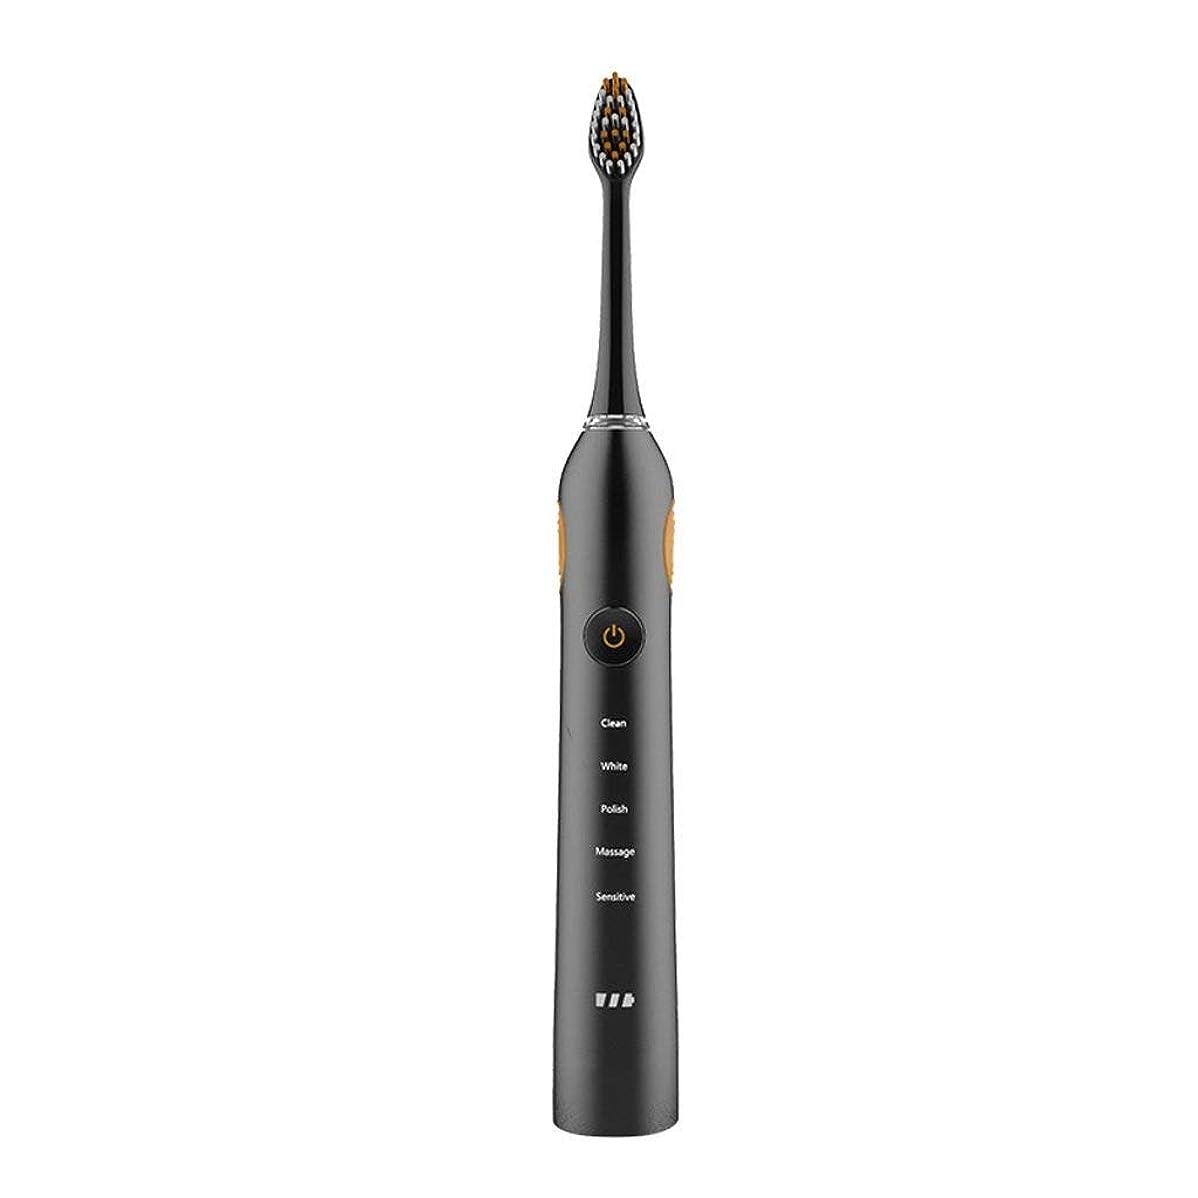 心理的スラッシュ牽引音波歯ブラシIPX7防水電動歯ブラシ低ノイズ電動歯ブラシ2交換ヘッド5ブラッシングモード(色:B)